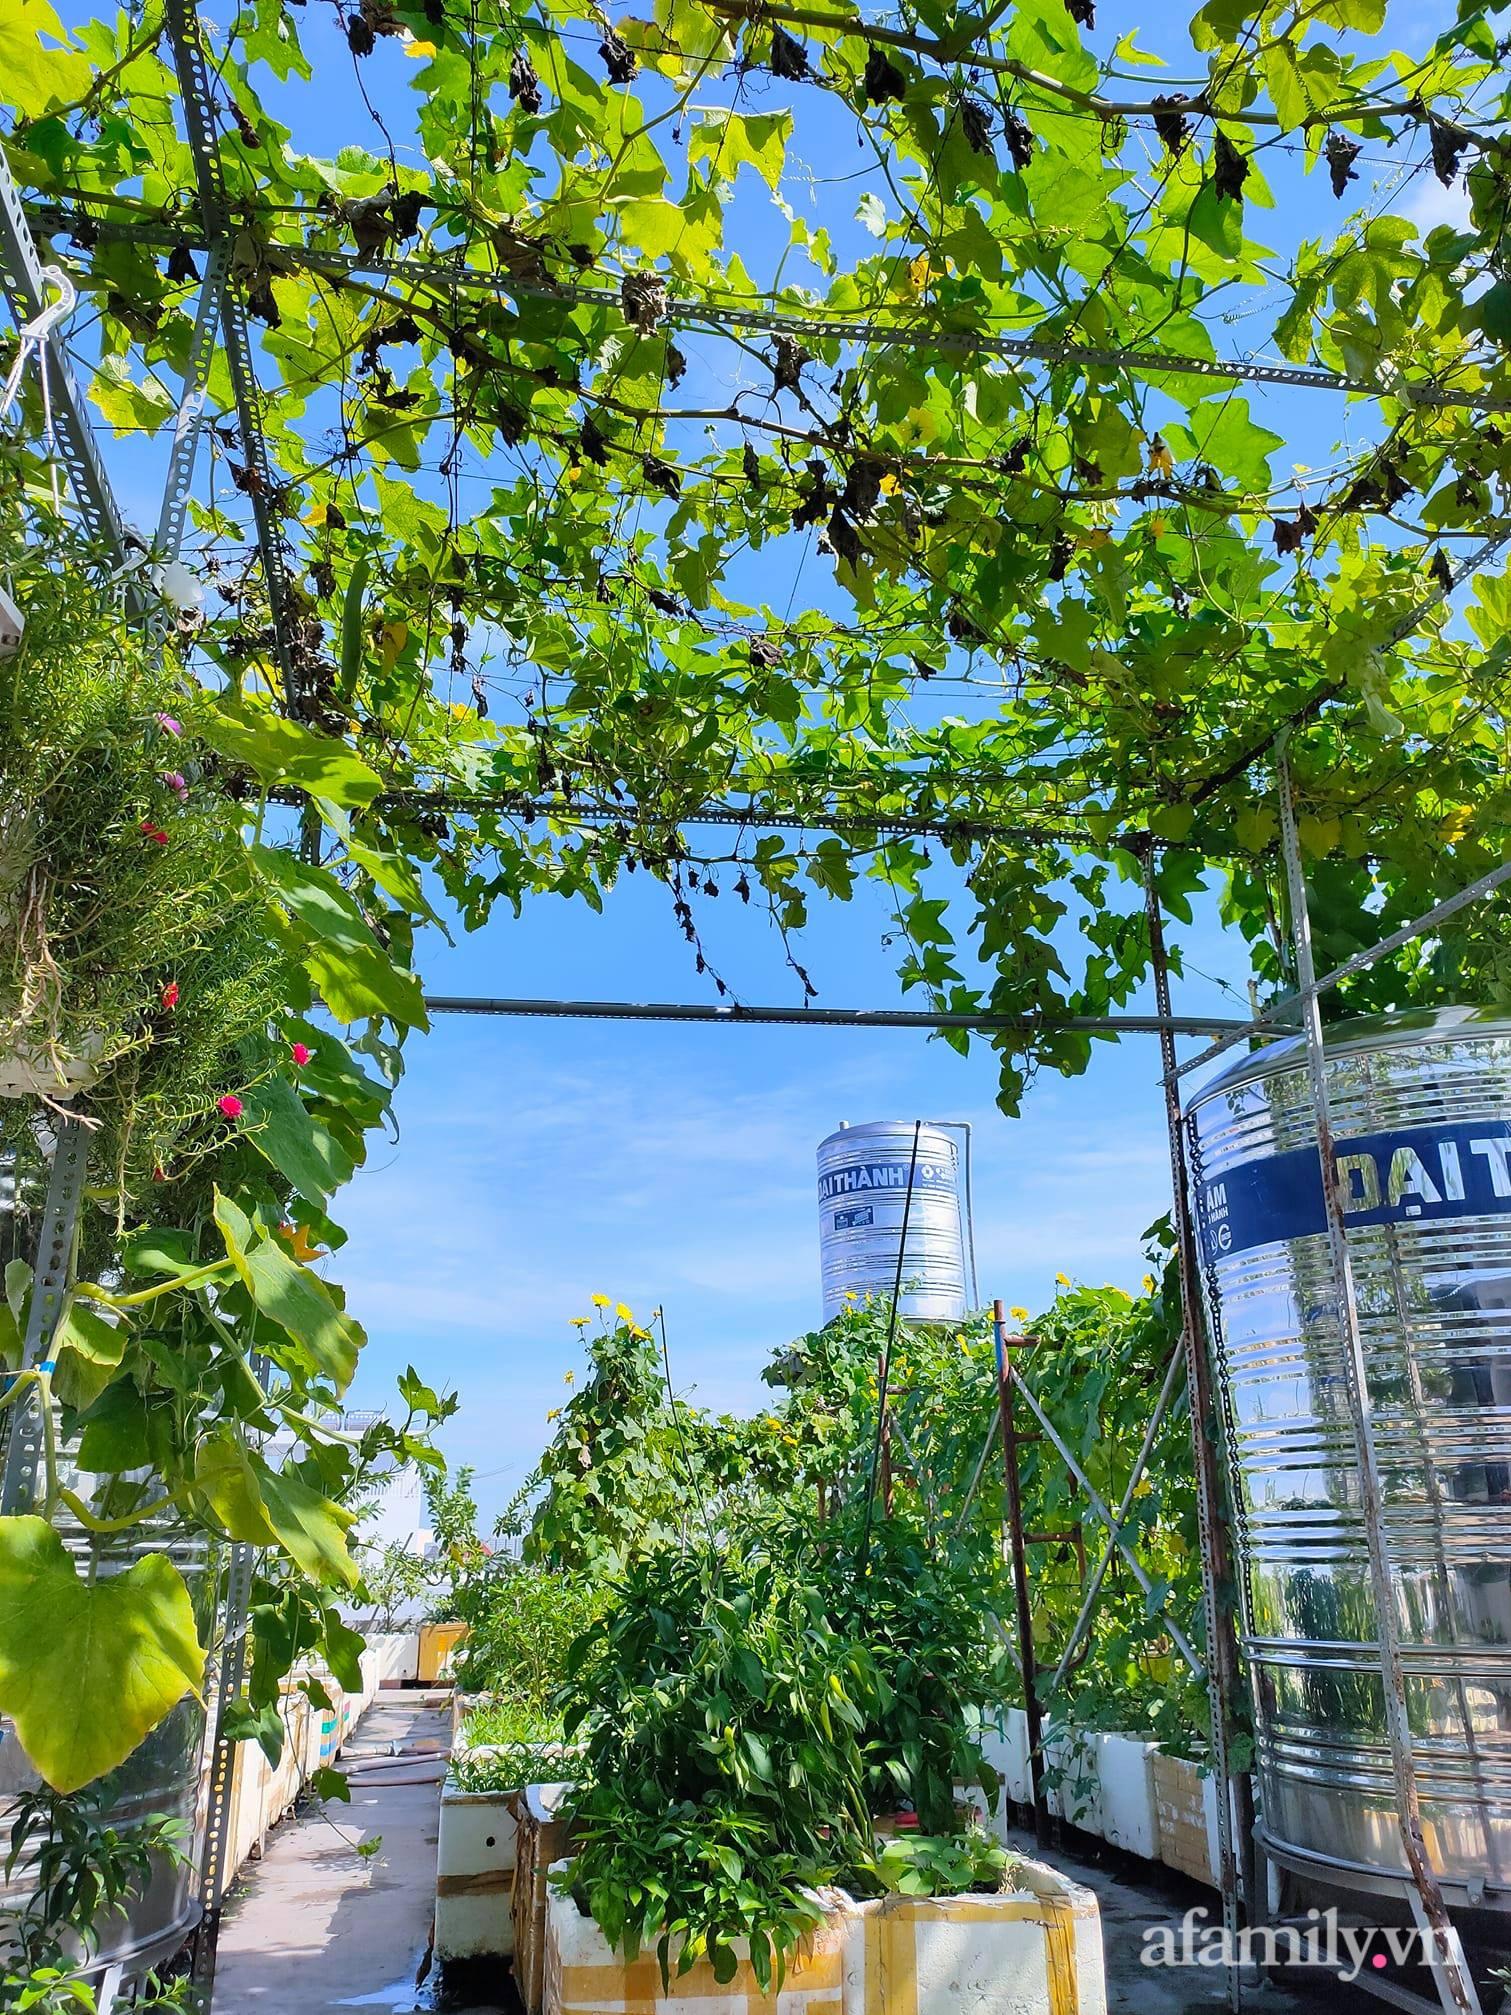 Vườn cây ăn quả 130m2 trên sân thượng quanh năm xanh mát ở quận 9, Sài Gòn - Ảnh 5.